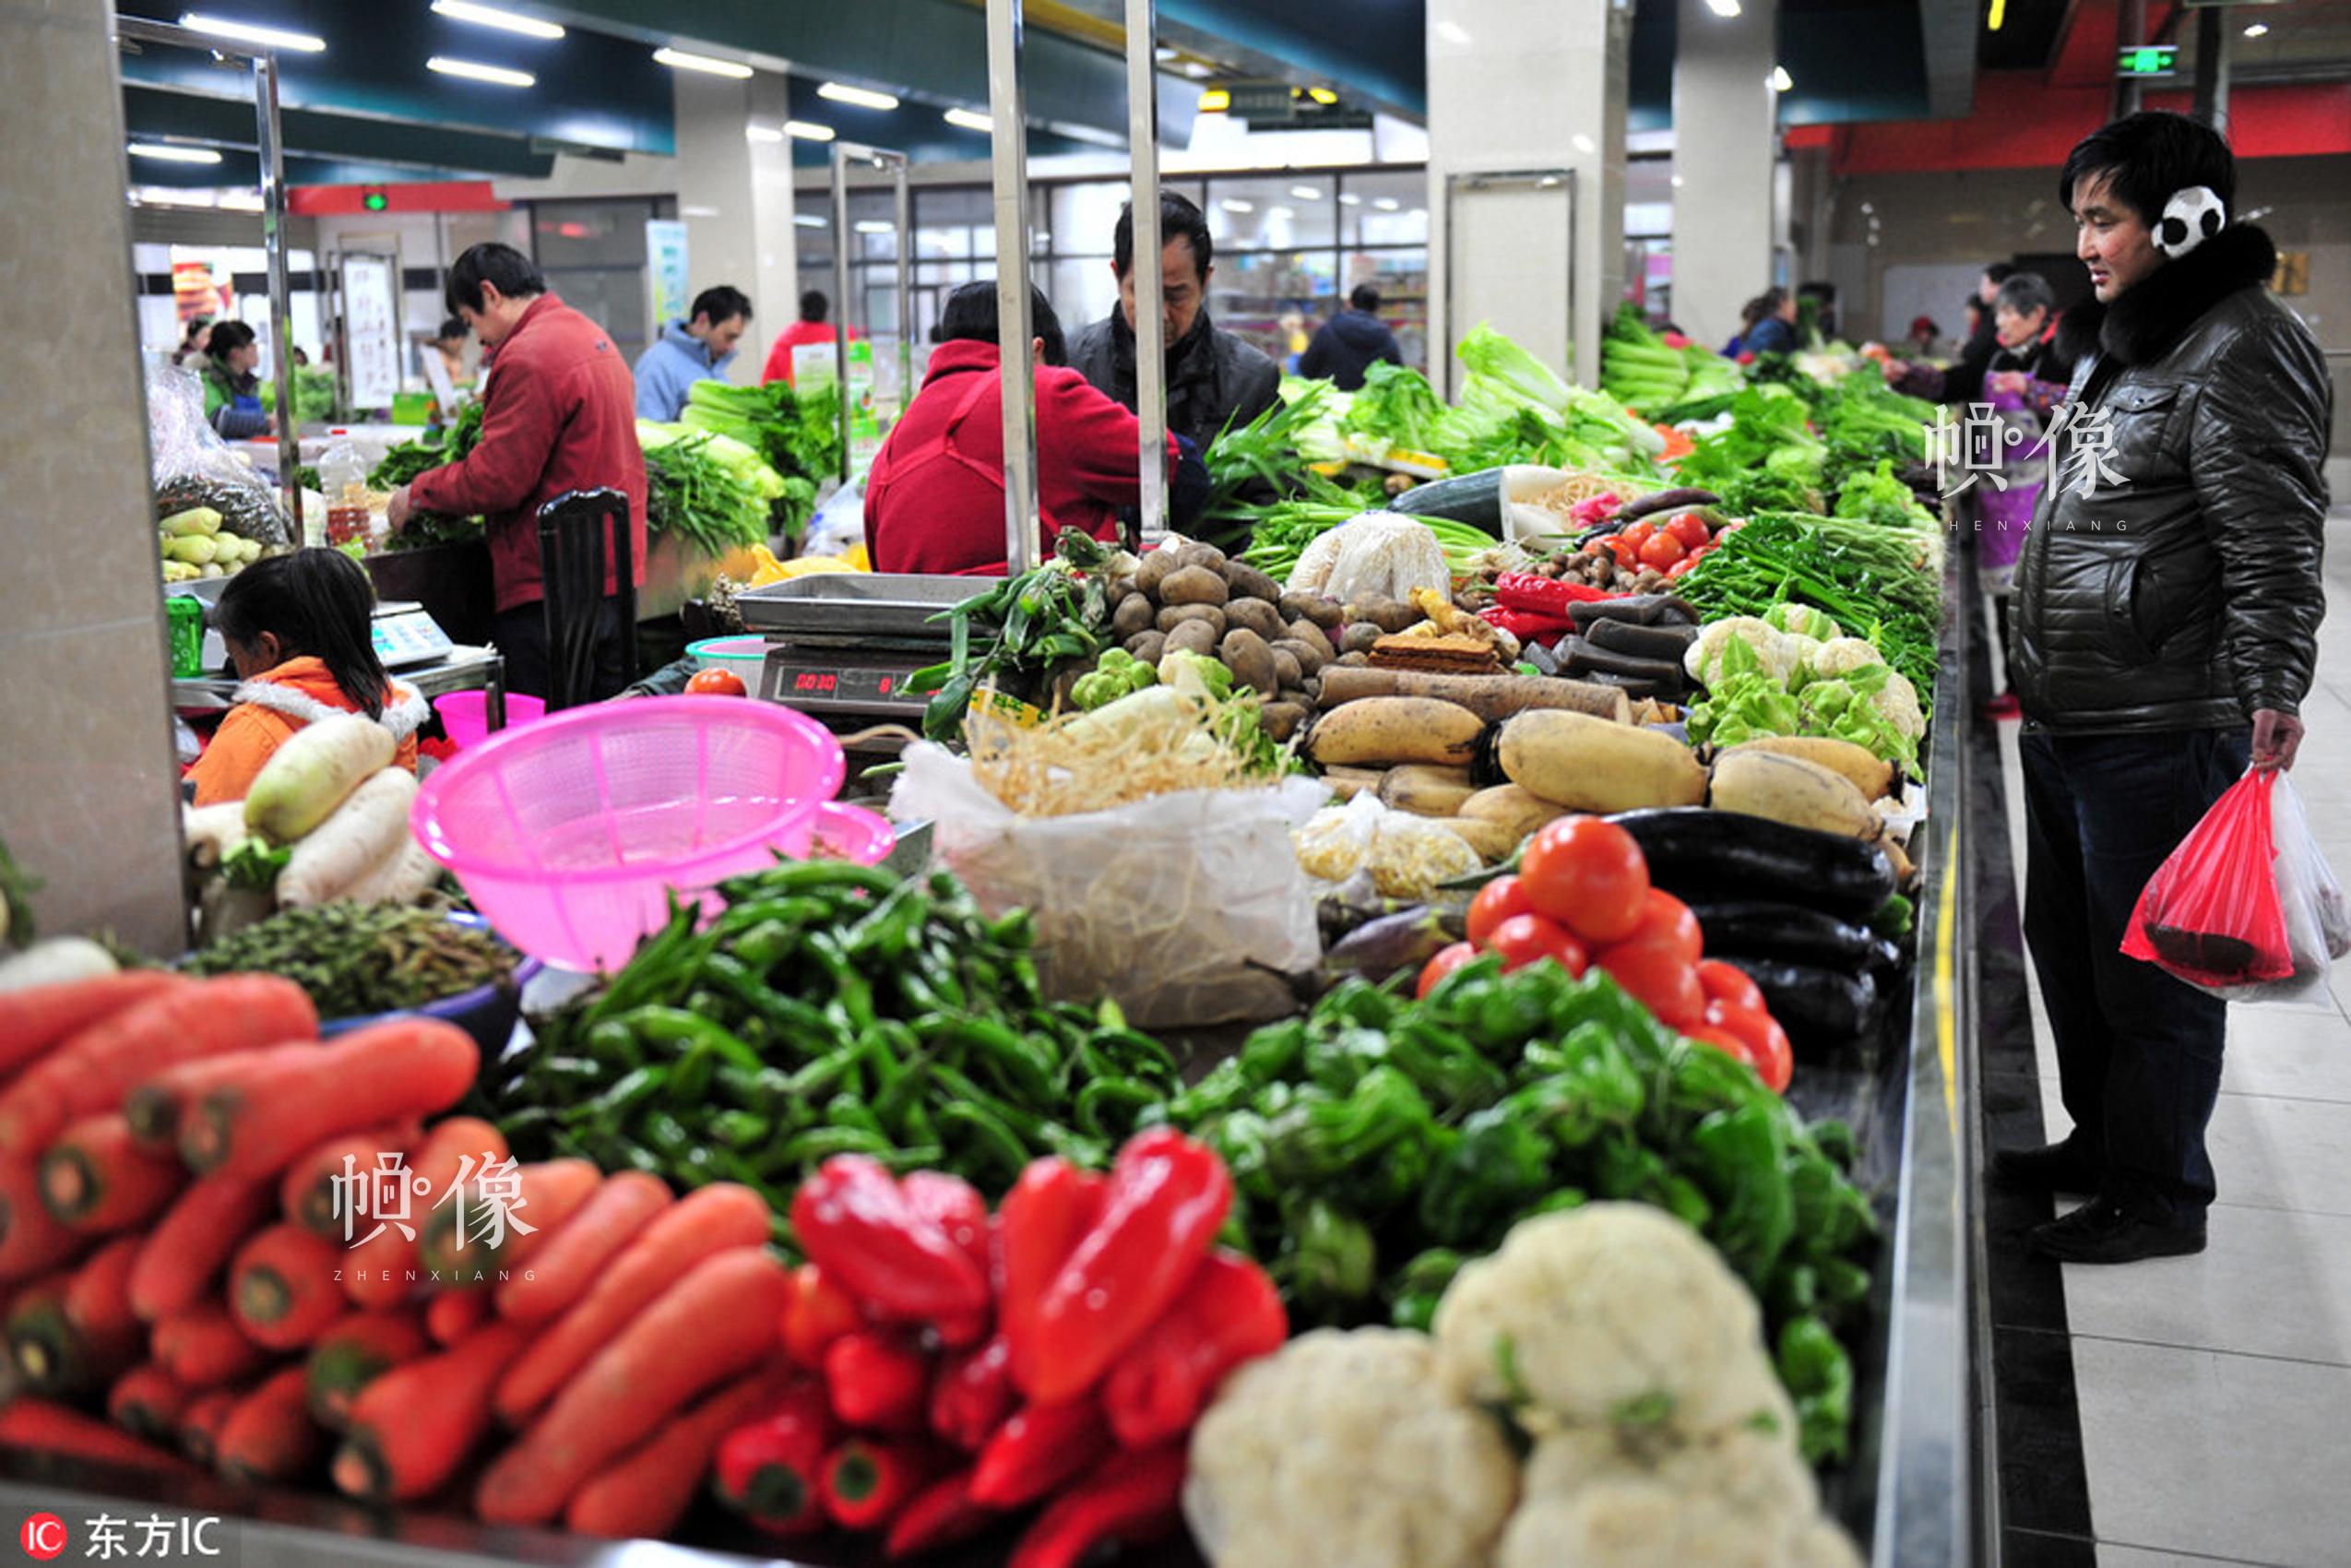 2012年12月31日,市民在湖北宜昌市夷陵区刚刚建成营业的罗河路室内标准化菜市场选购蔬菜。张国荣  东方IC